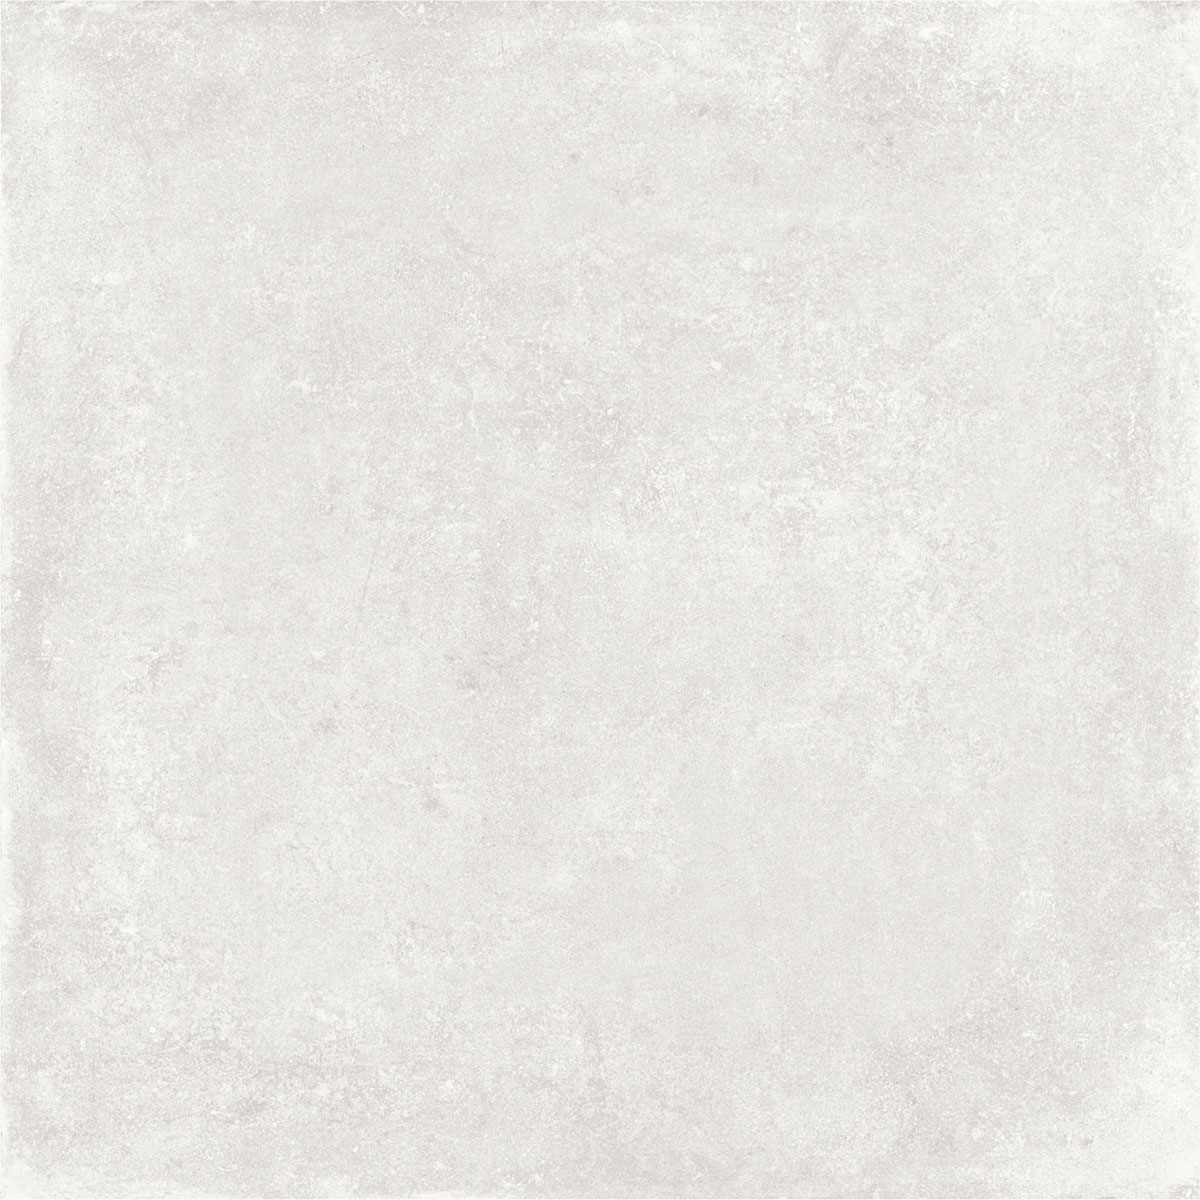 CAPETOWN white (weiß) Image